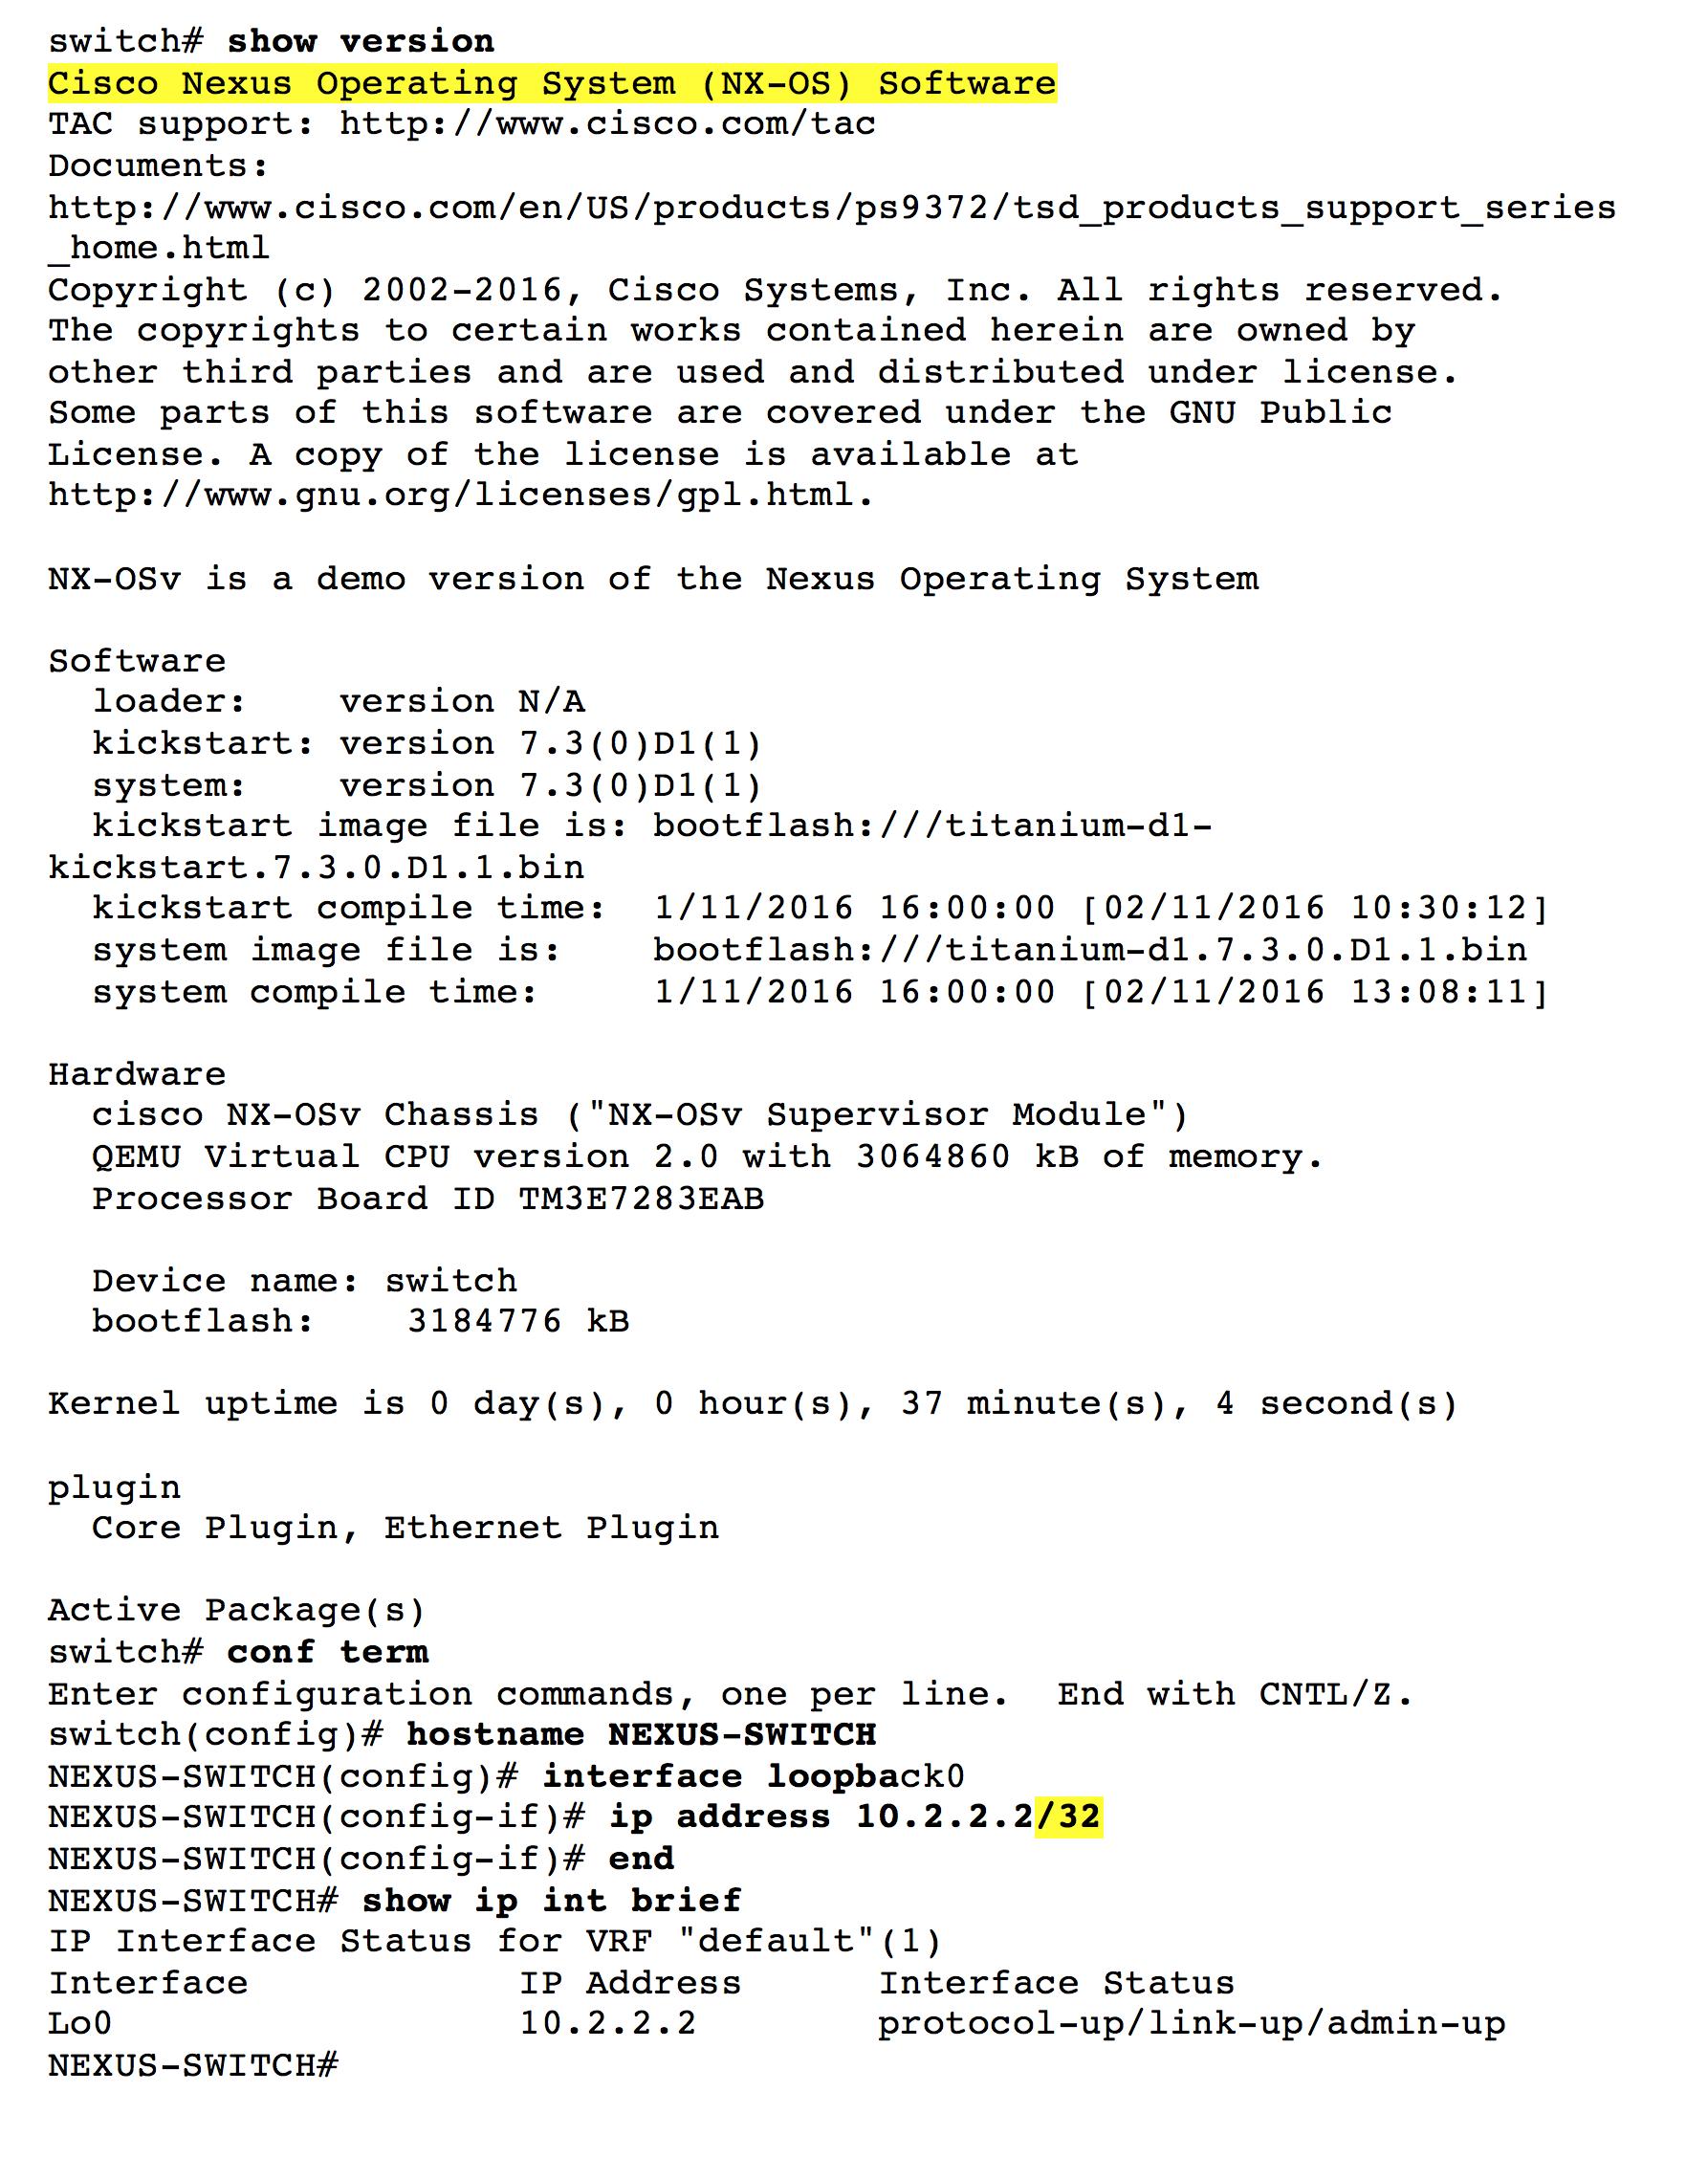 Comparing Cisco IOS, NX-OS, and IOS-XR